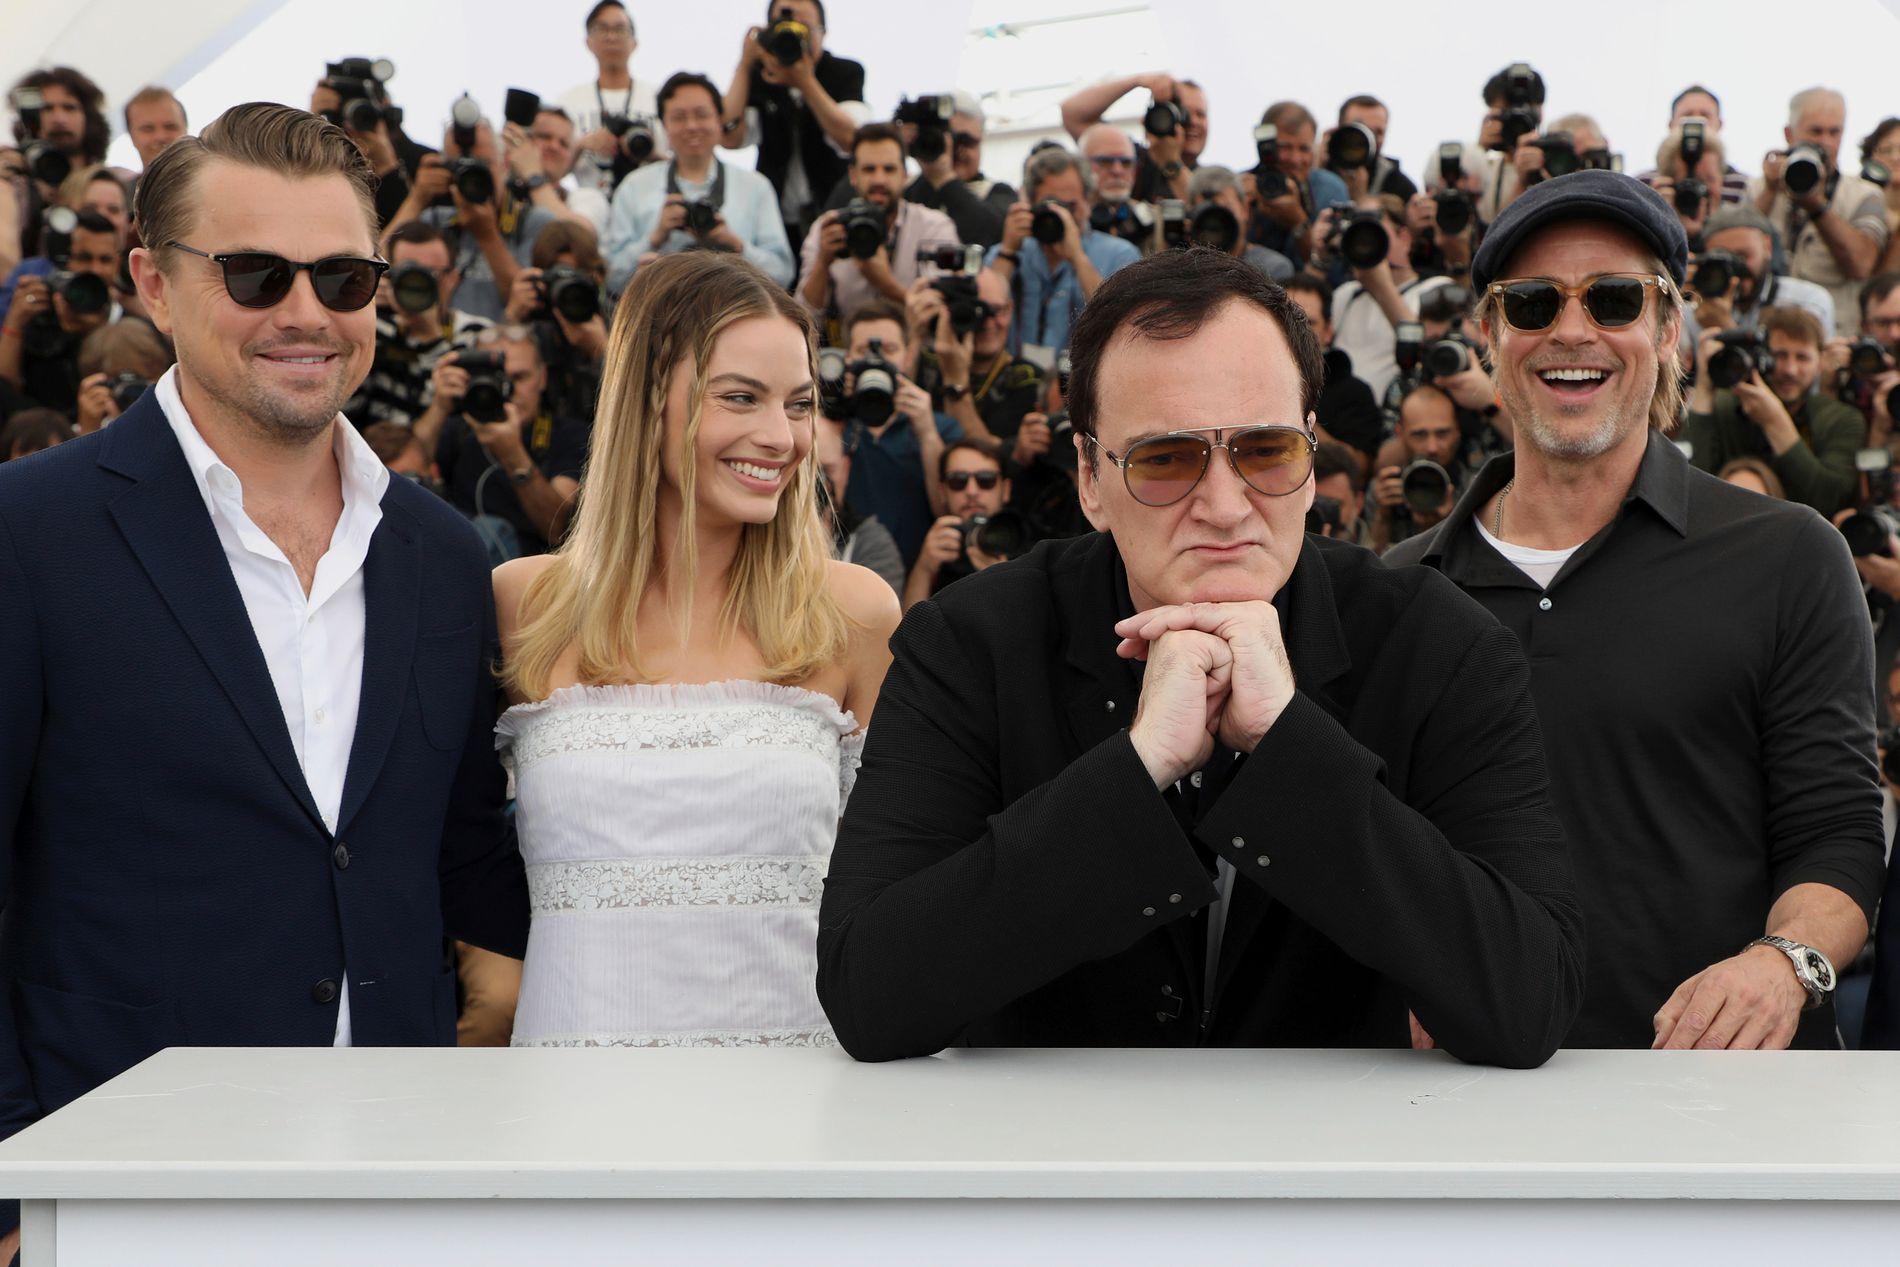 GJENGEN: F.v.: Leonardo DiCaprio, Margot Robbie, Quentin Tarantino og Brad Pitt i forbindelse med verdenspremiere på «Once Upon a Time in ... Hollywood» på filmfestivalen i Cannes i mai.